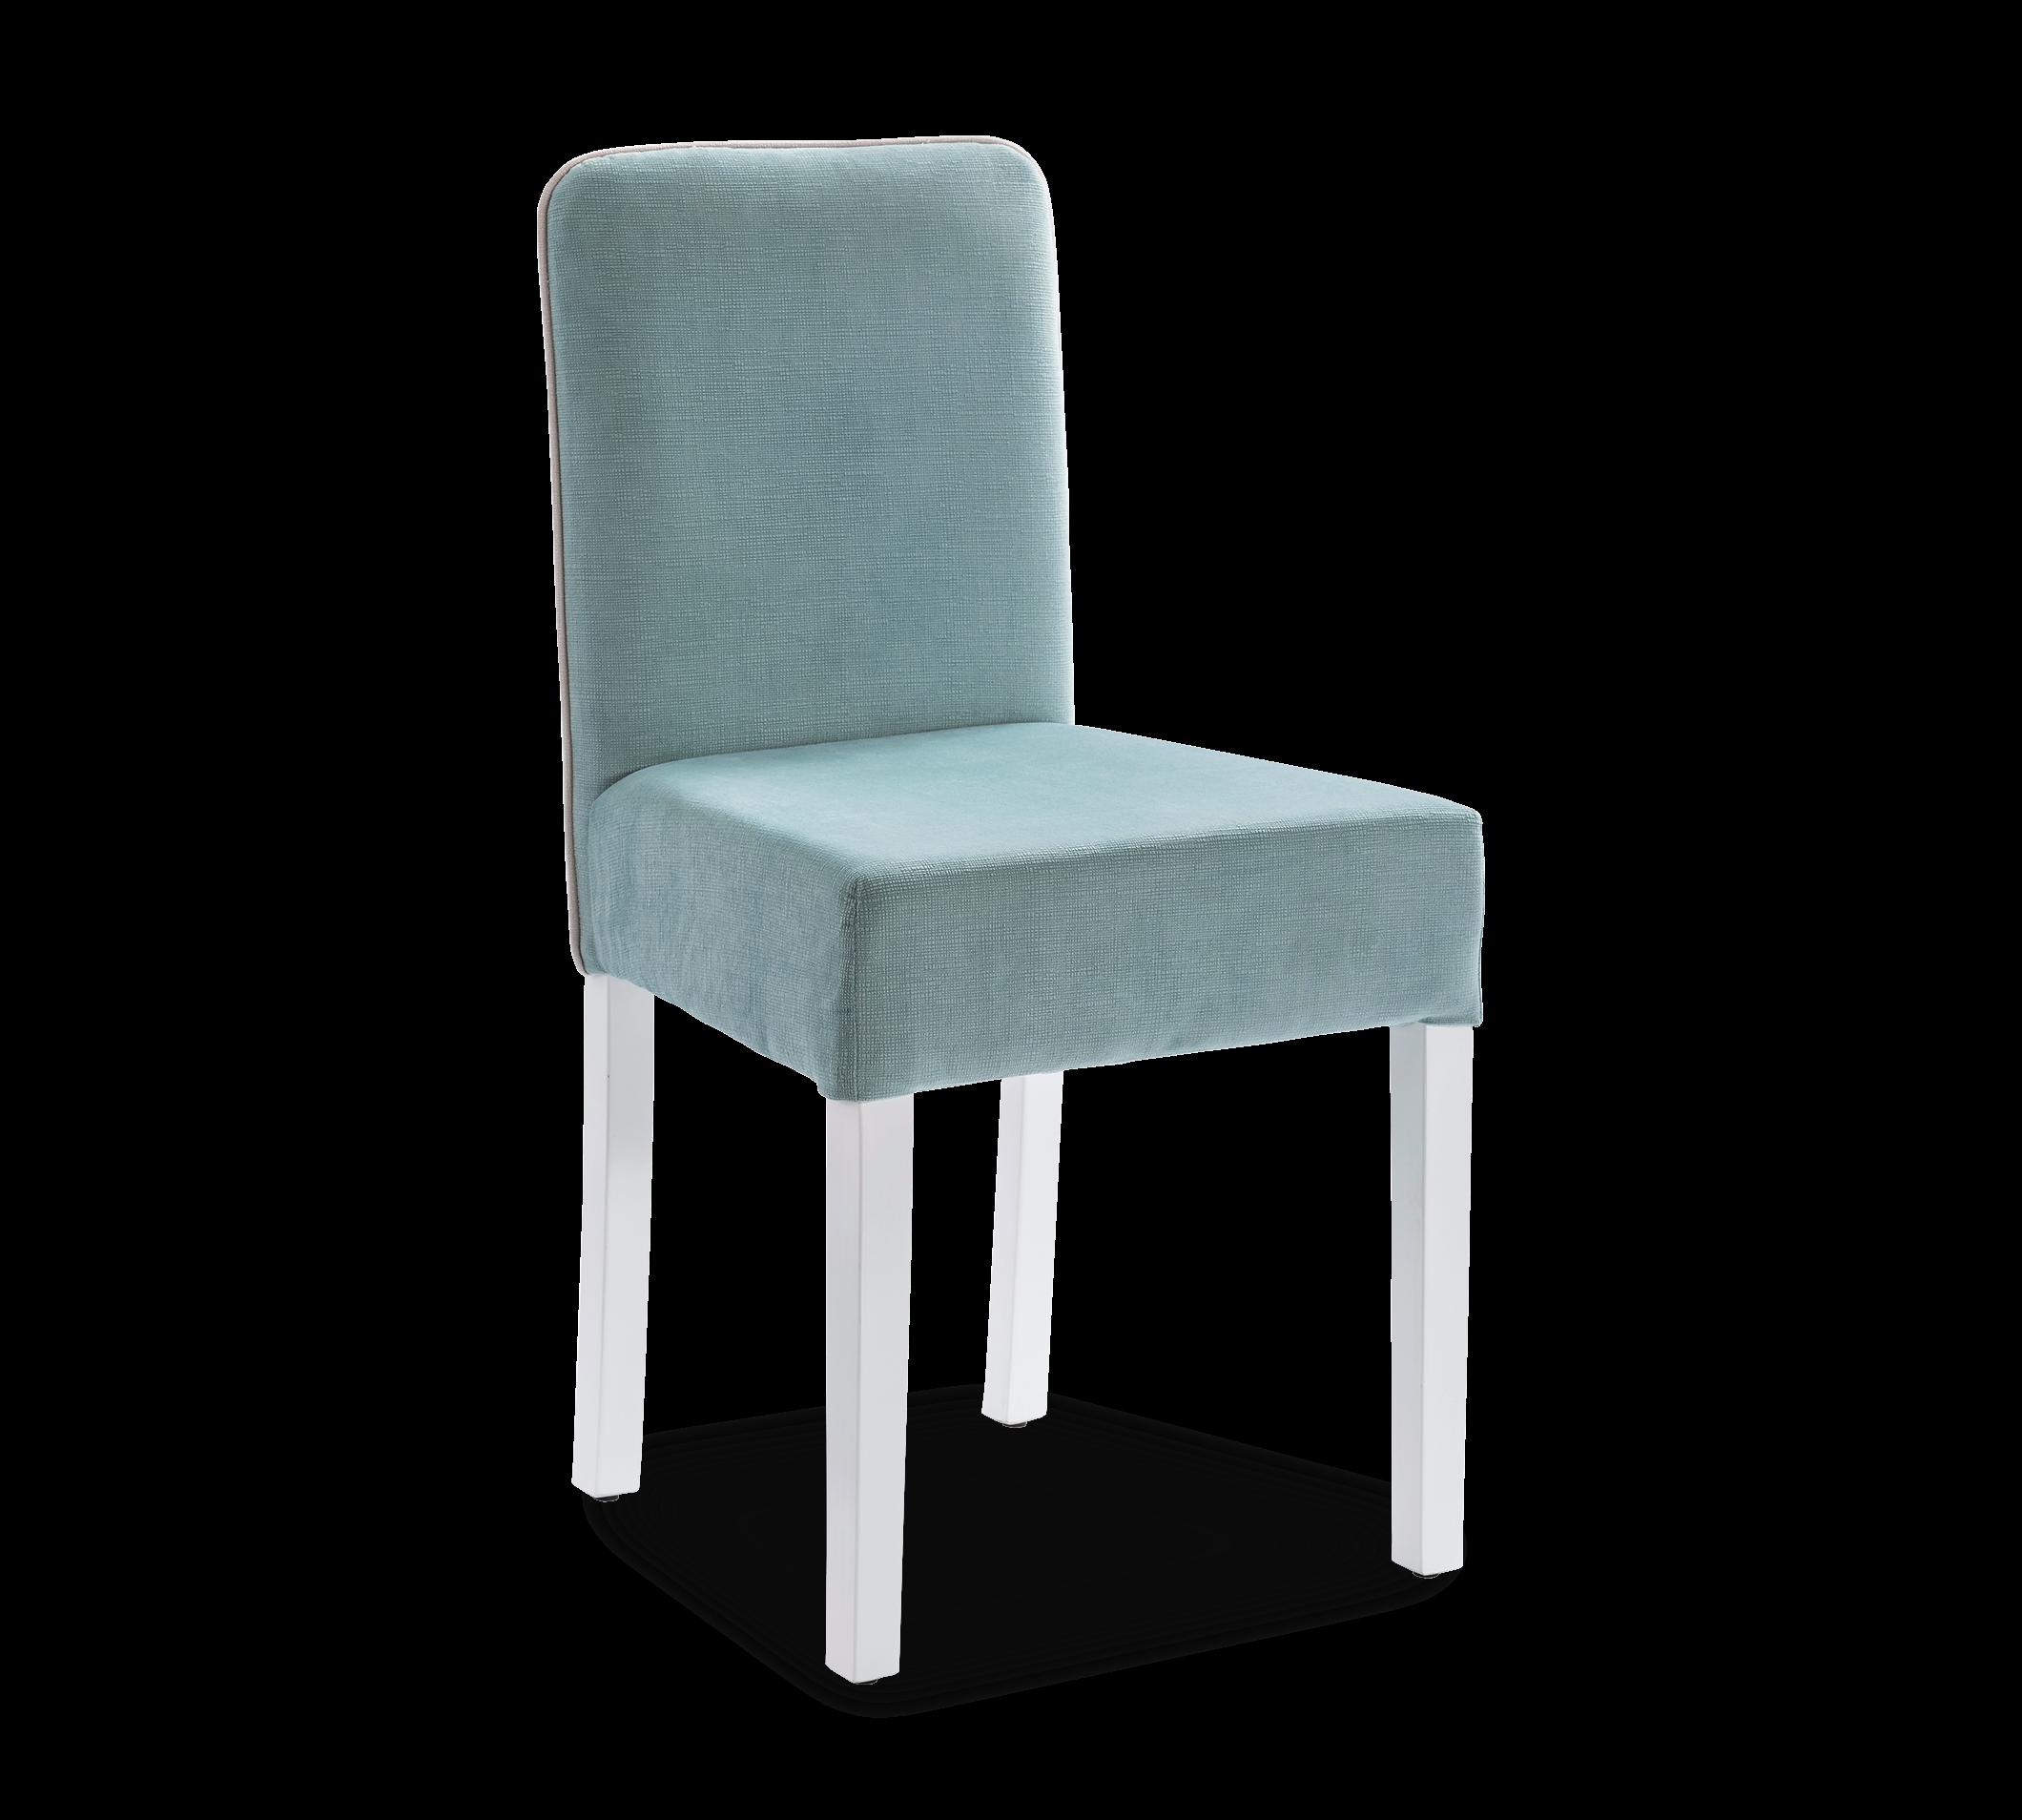 Scaun pentru copii tapitat cu stofa si picioare din lemn Summer Bleu, l44xA49xH87 cm imagine